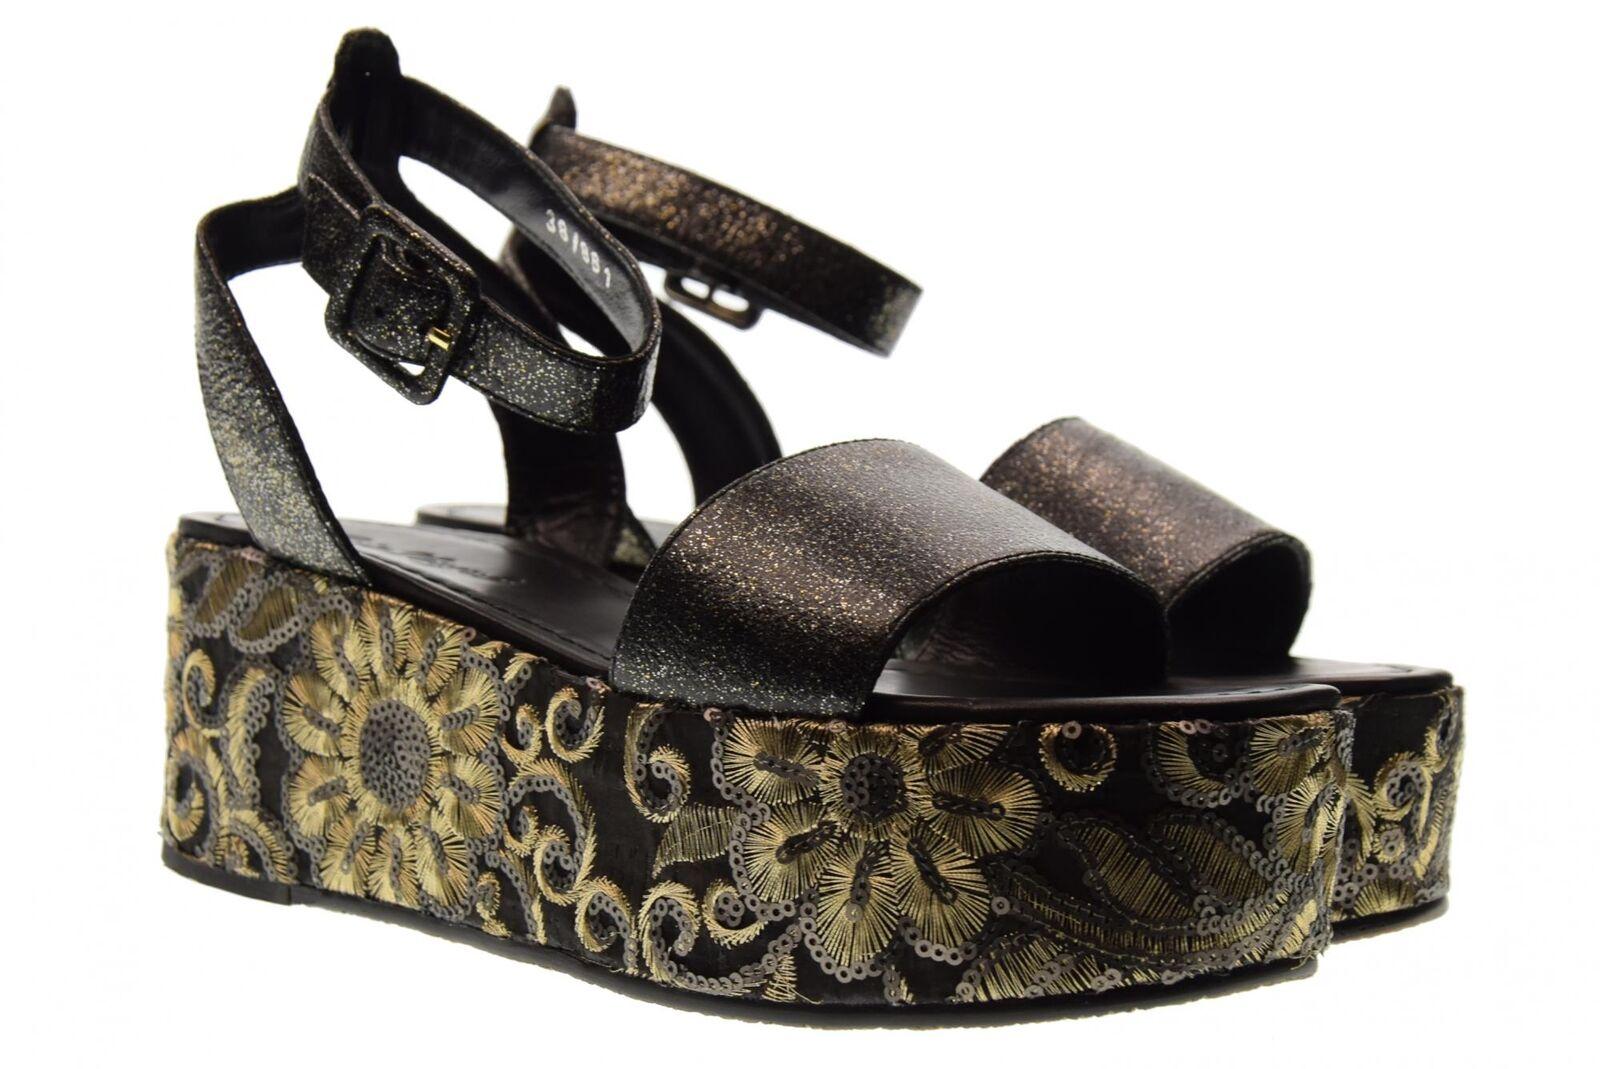 Cris Vergre' chaussures femmes sandalias H0802X noir P18s